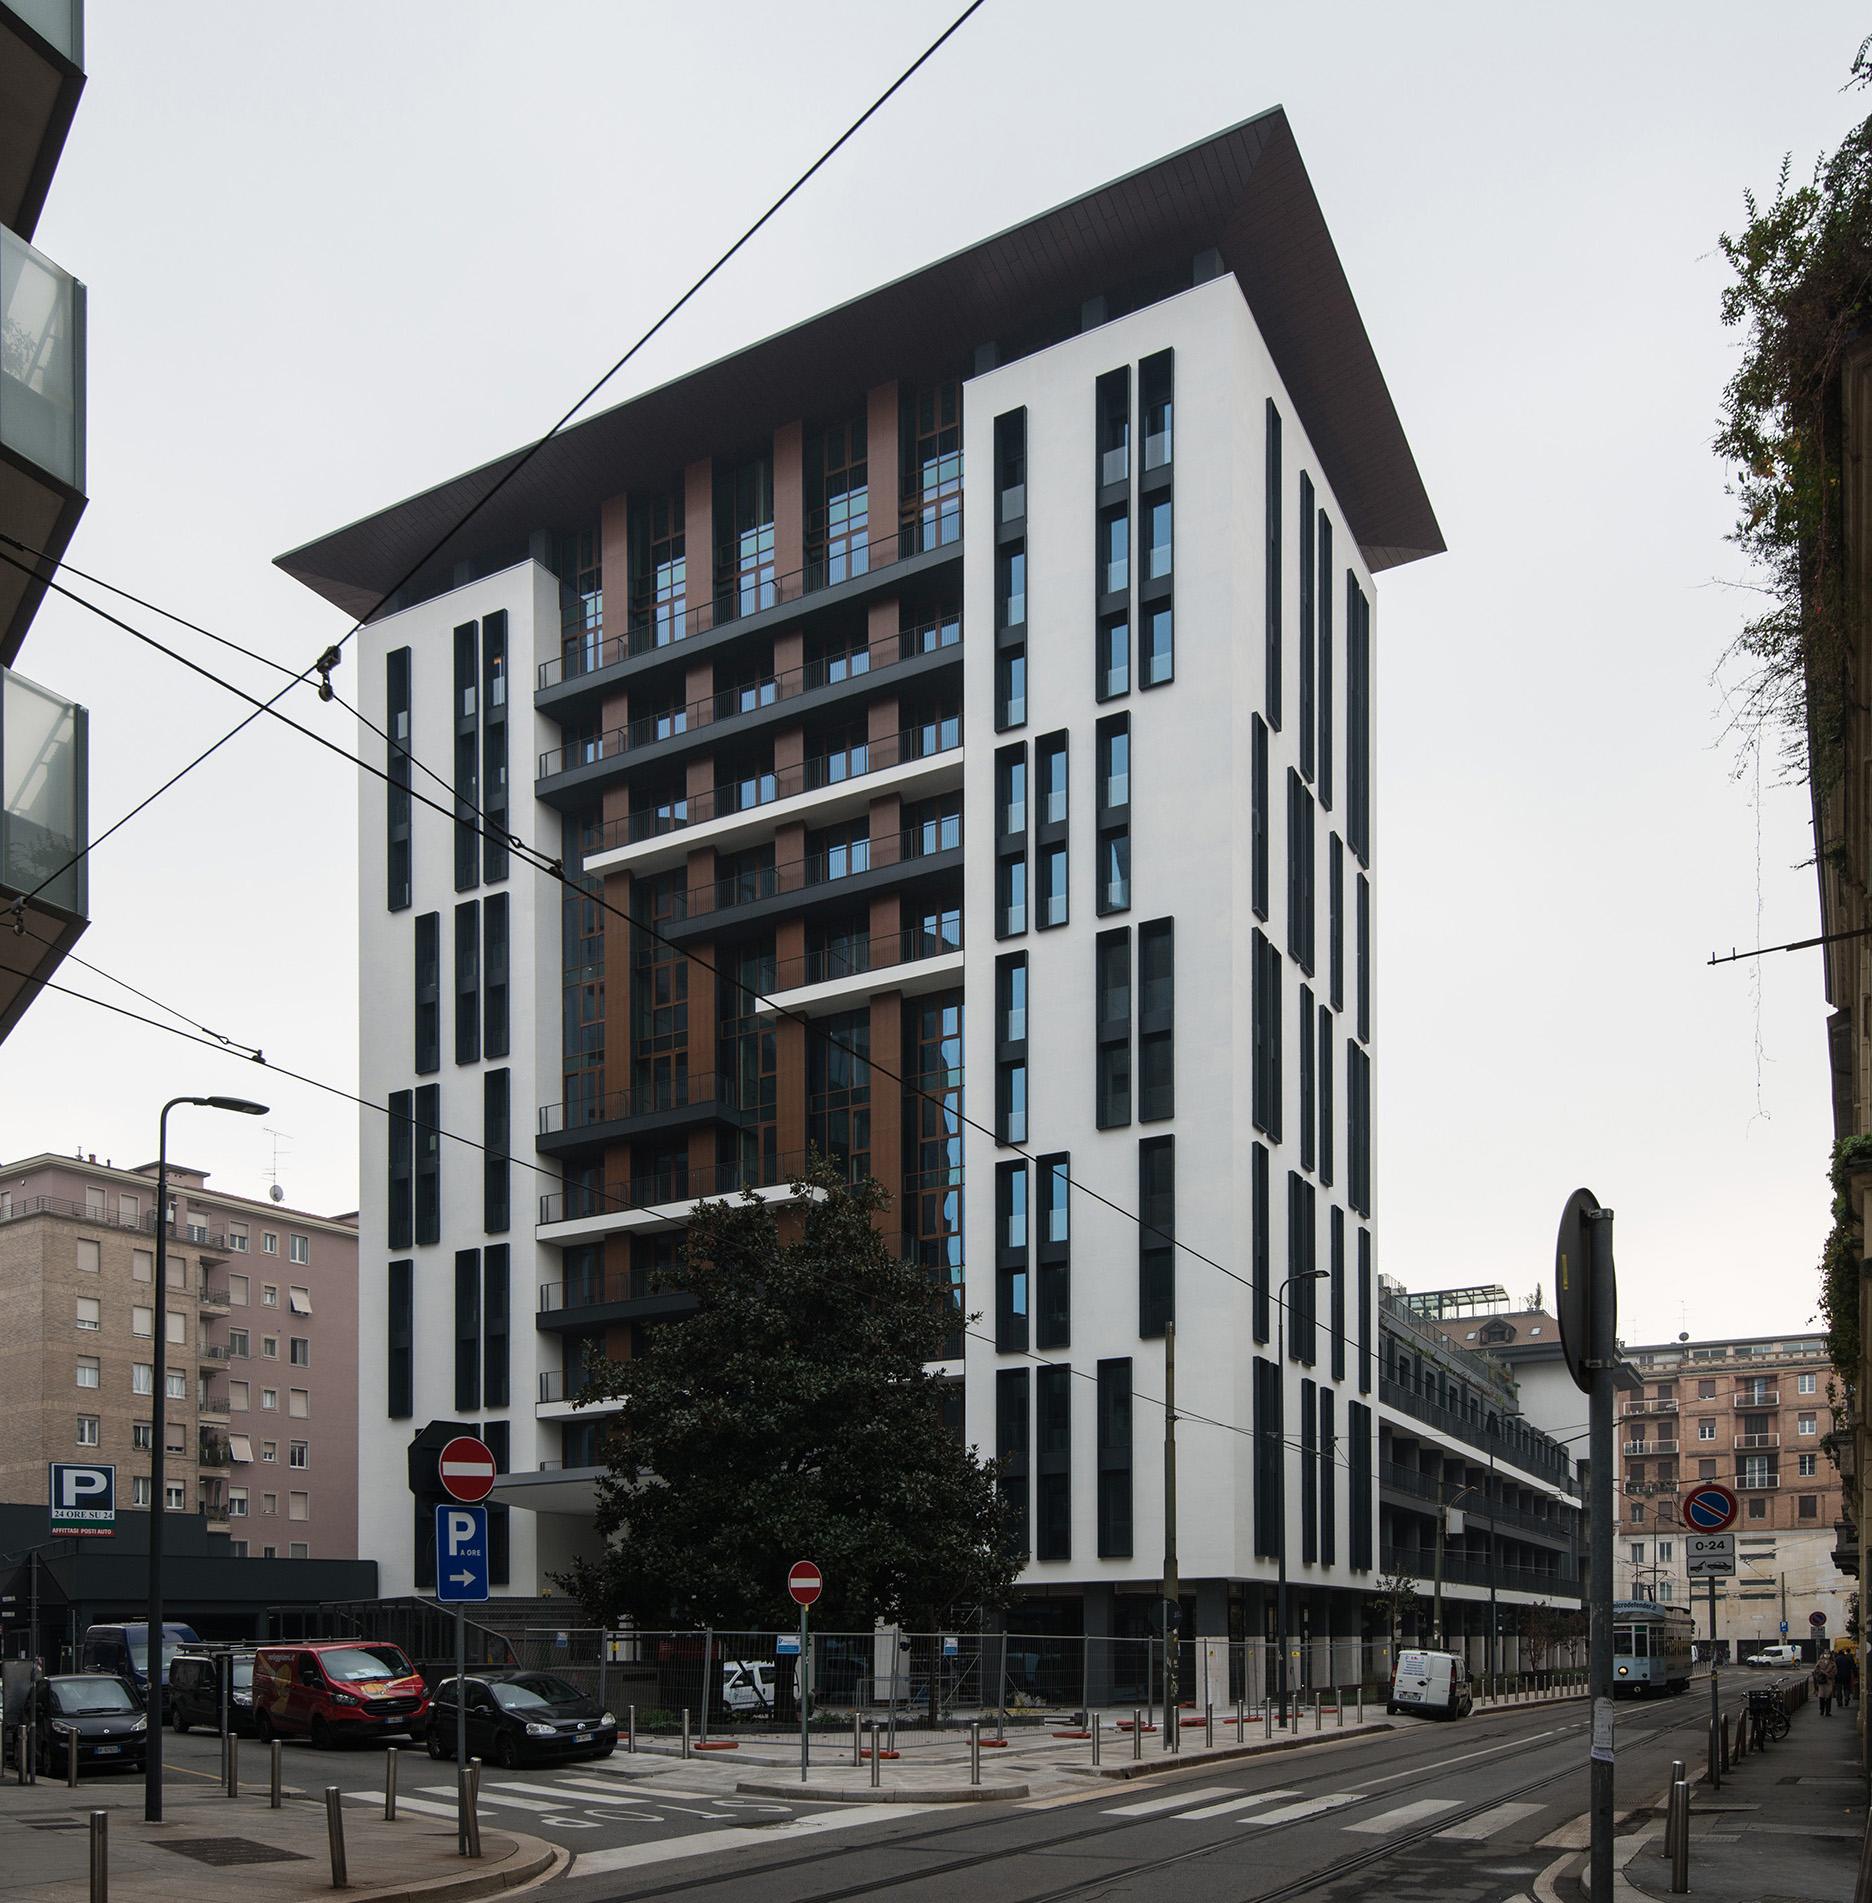 Asti Architetti progetto architettonico UNA Hotel Milano Verticale